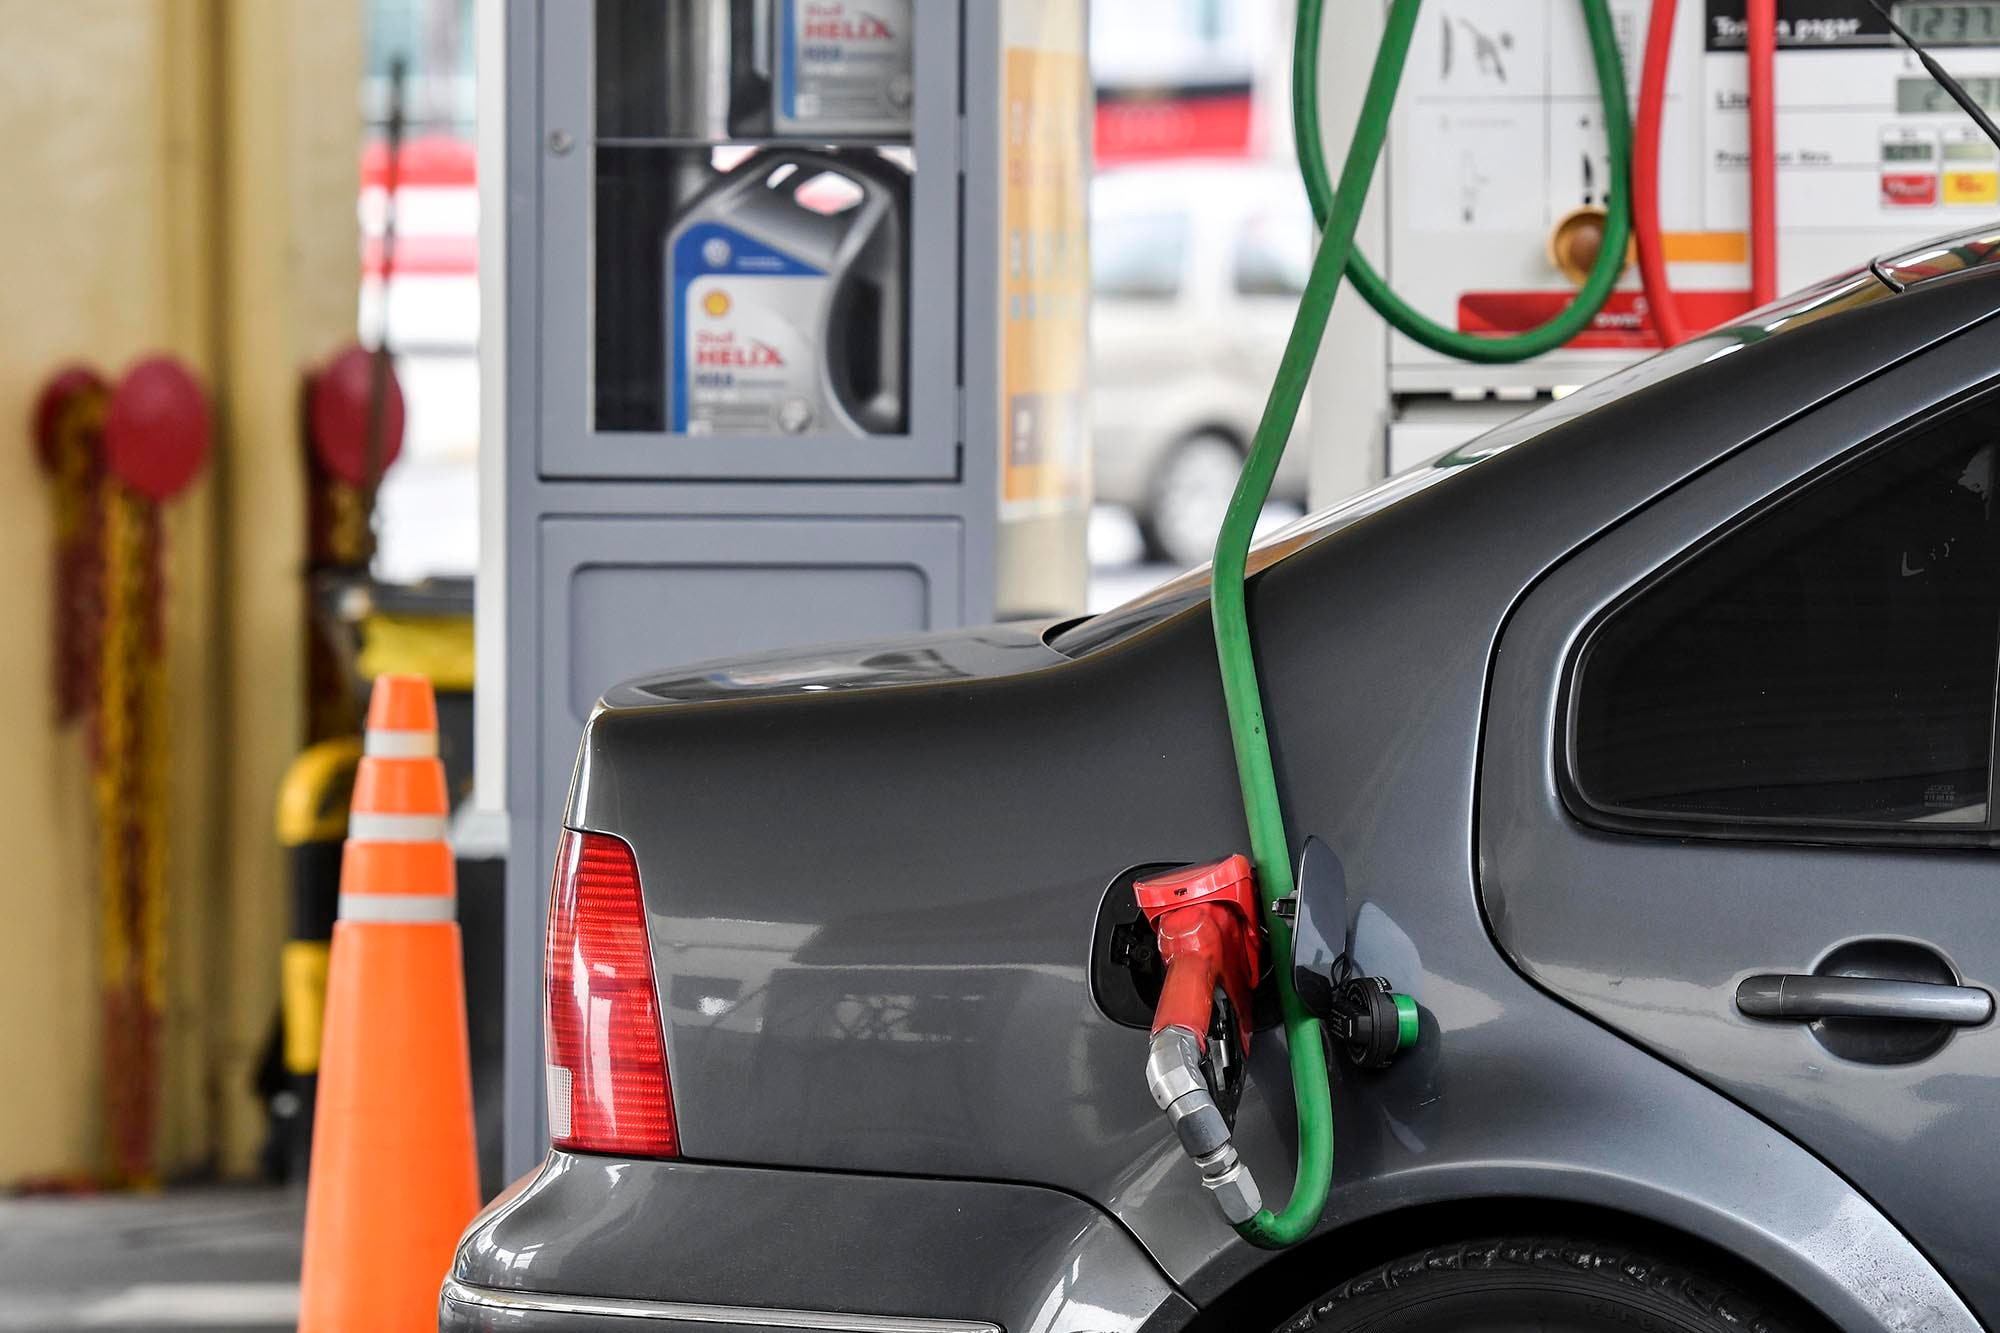 Petroleras apuran otro aumento de combustibles para el próximo fin de semana